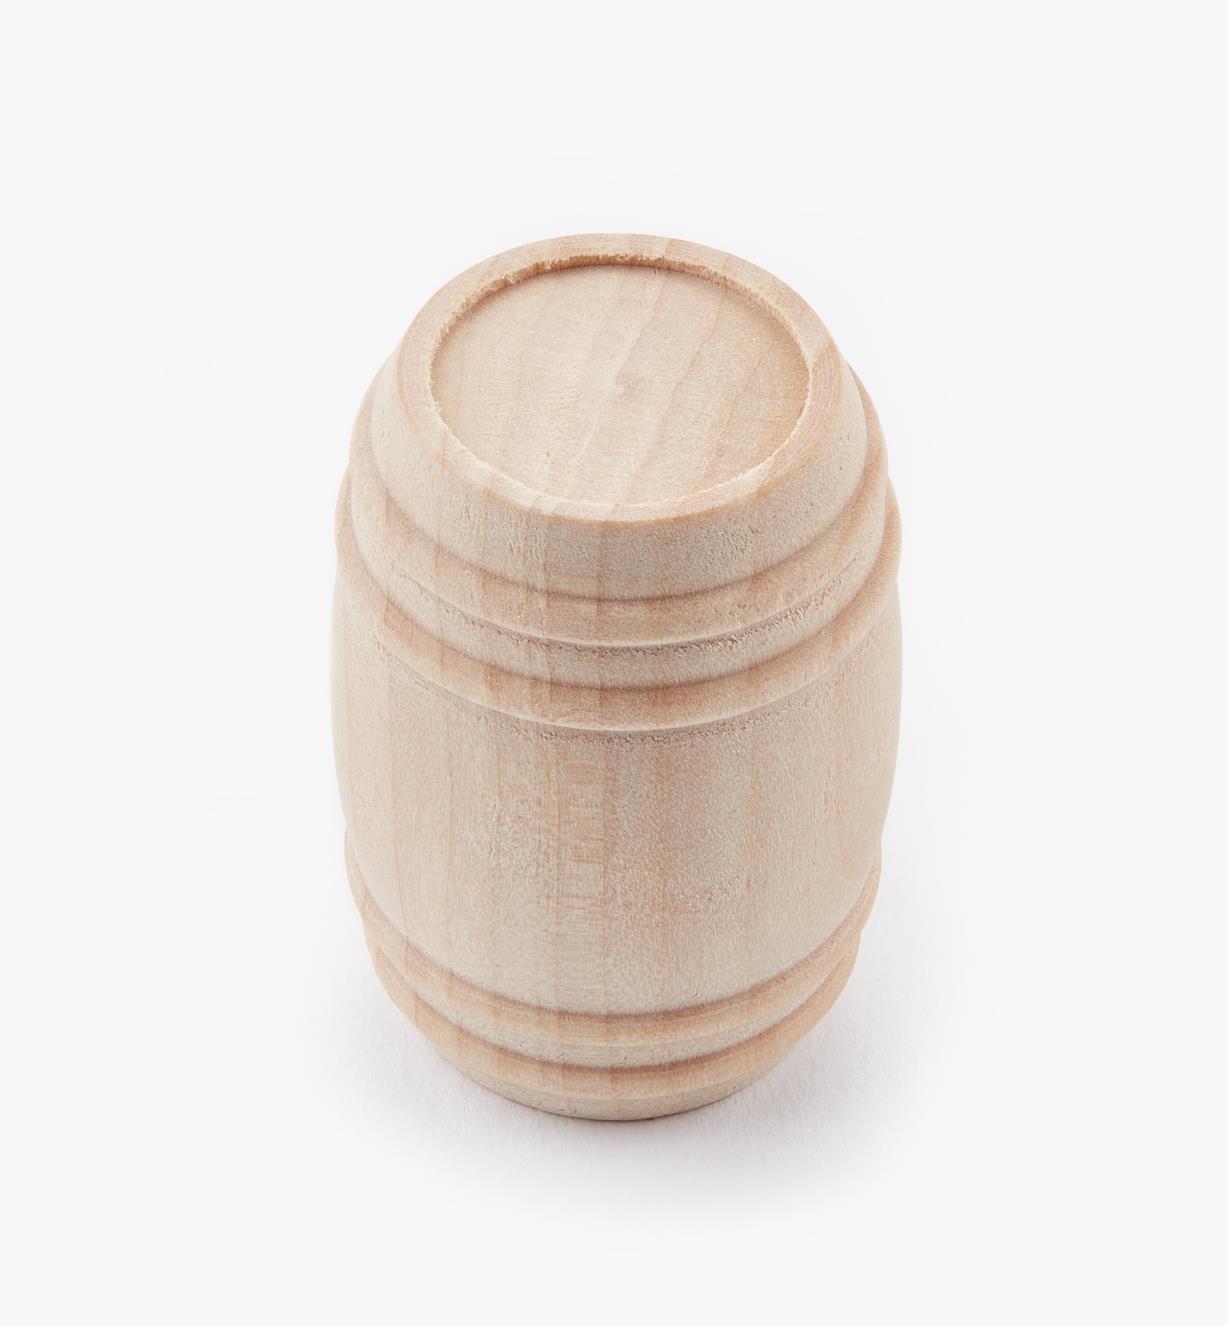 41K0133 - Barrel